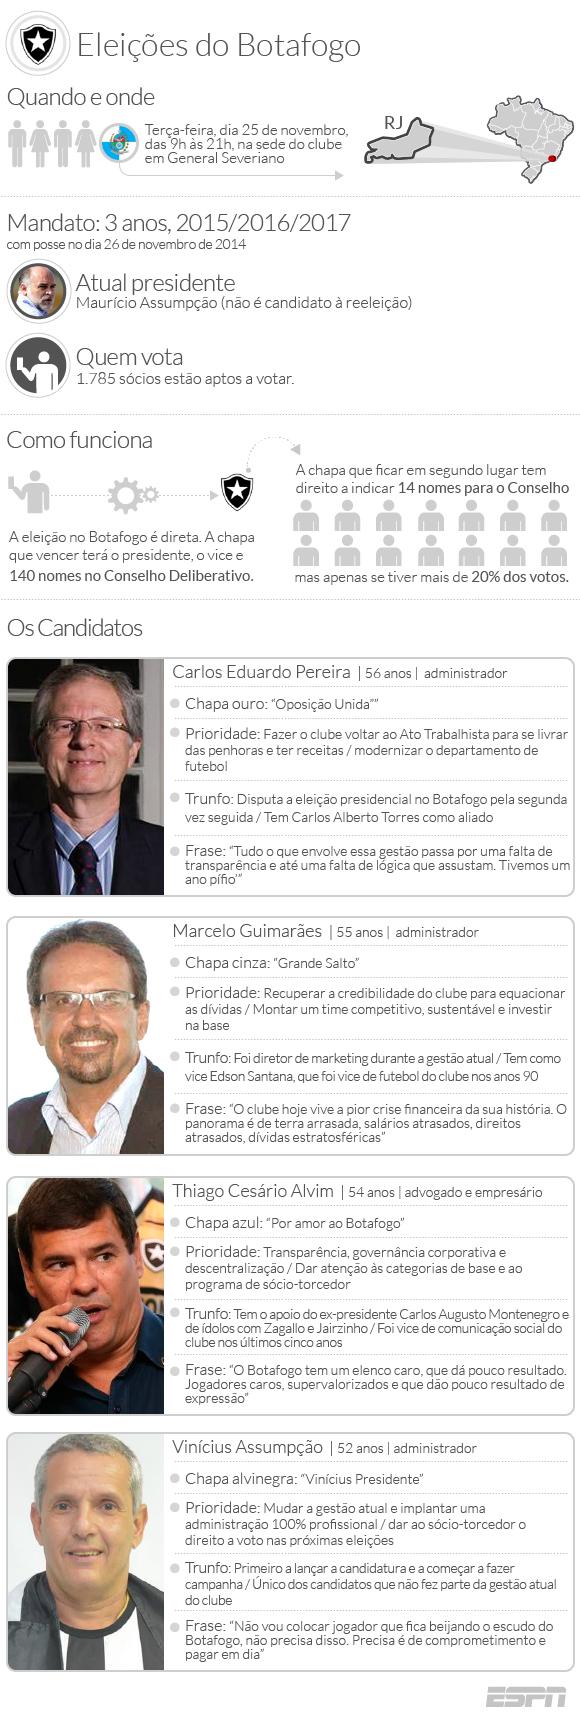 Eleição para presidente do Botafogo tem quatro candidatos